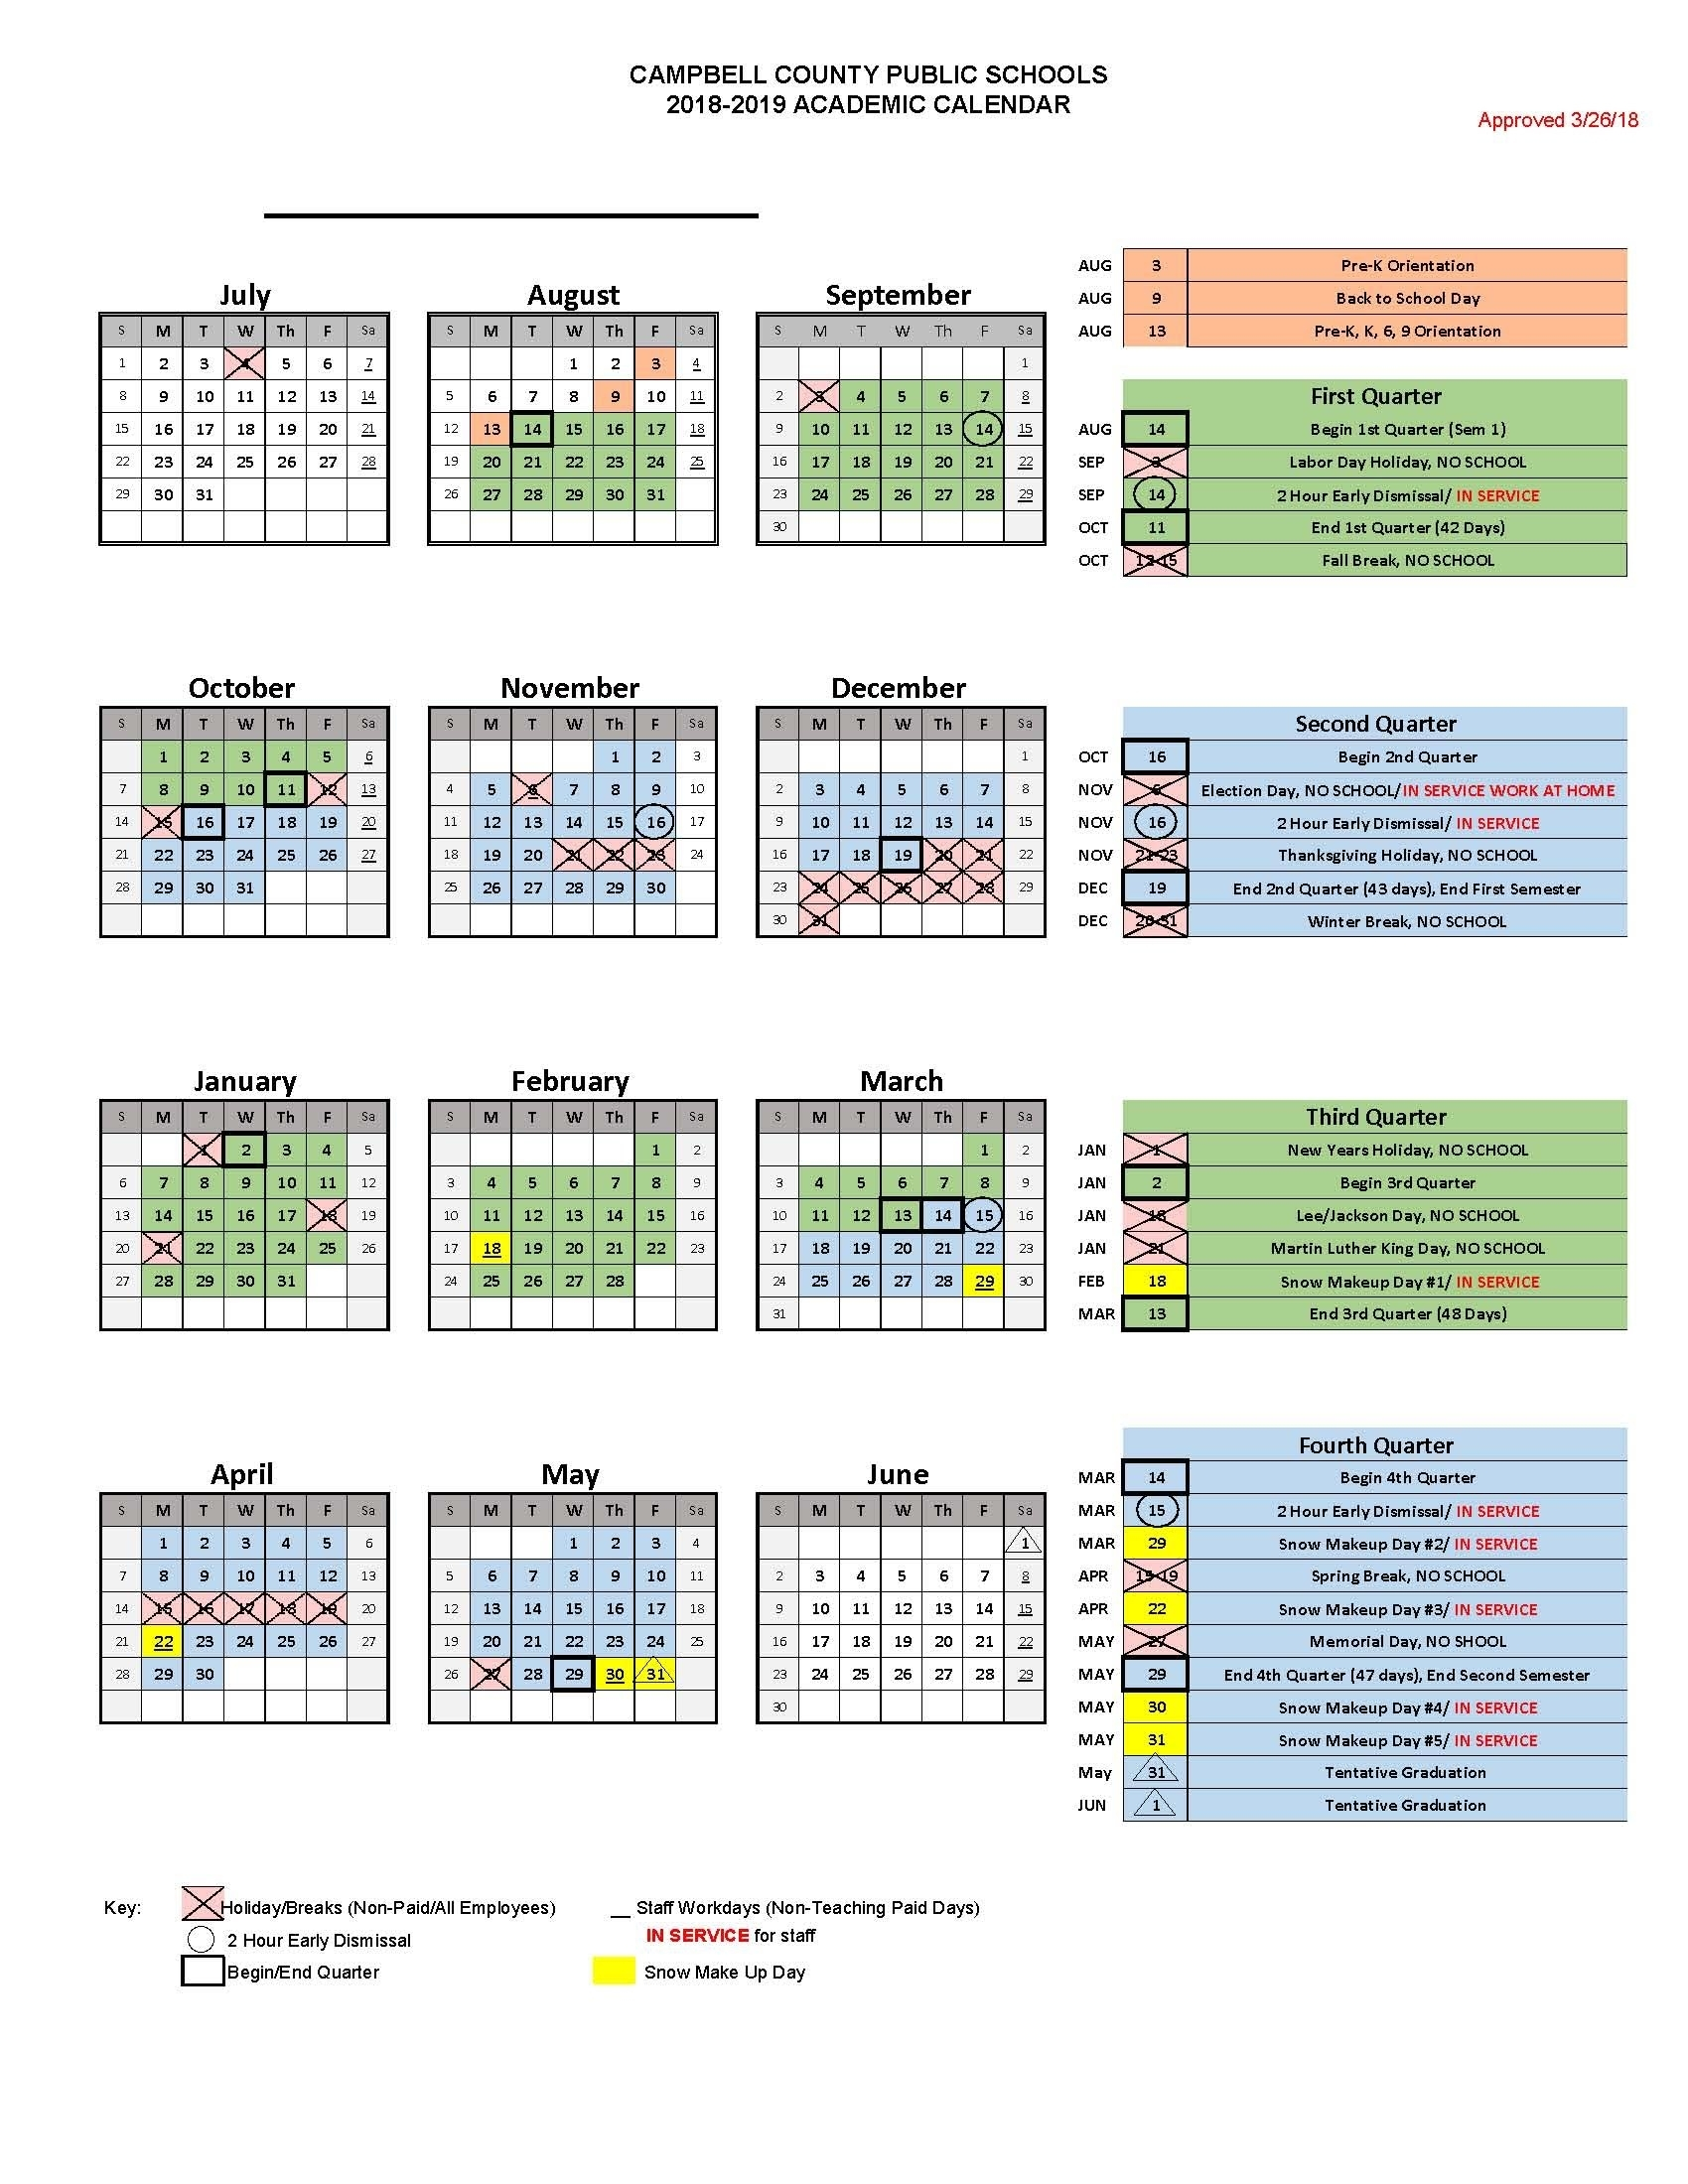 Ccps 2018-2019 Calendar - Campbell County Public Schools